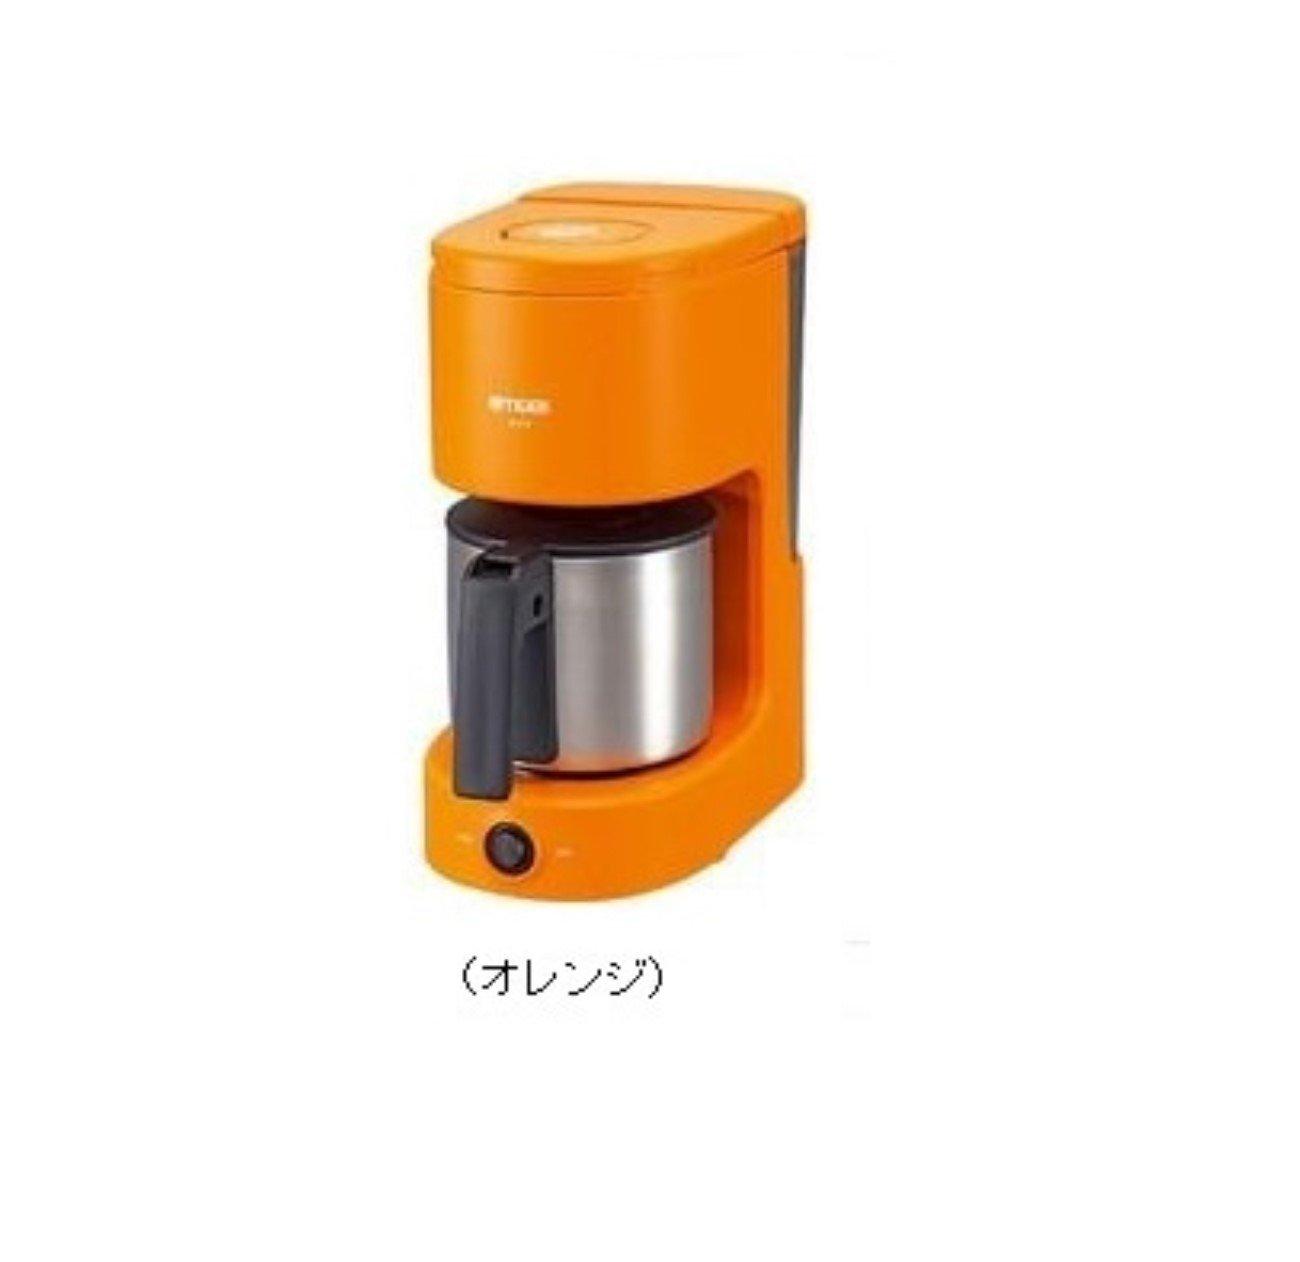 コーヒーメーカー ドリップ ステンレスサーバータイプ カラー:オレンジ   B01M0B06J5